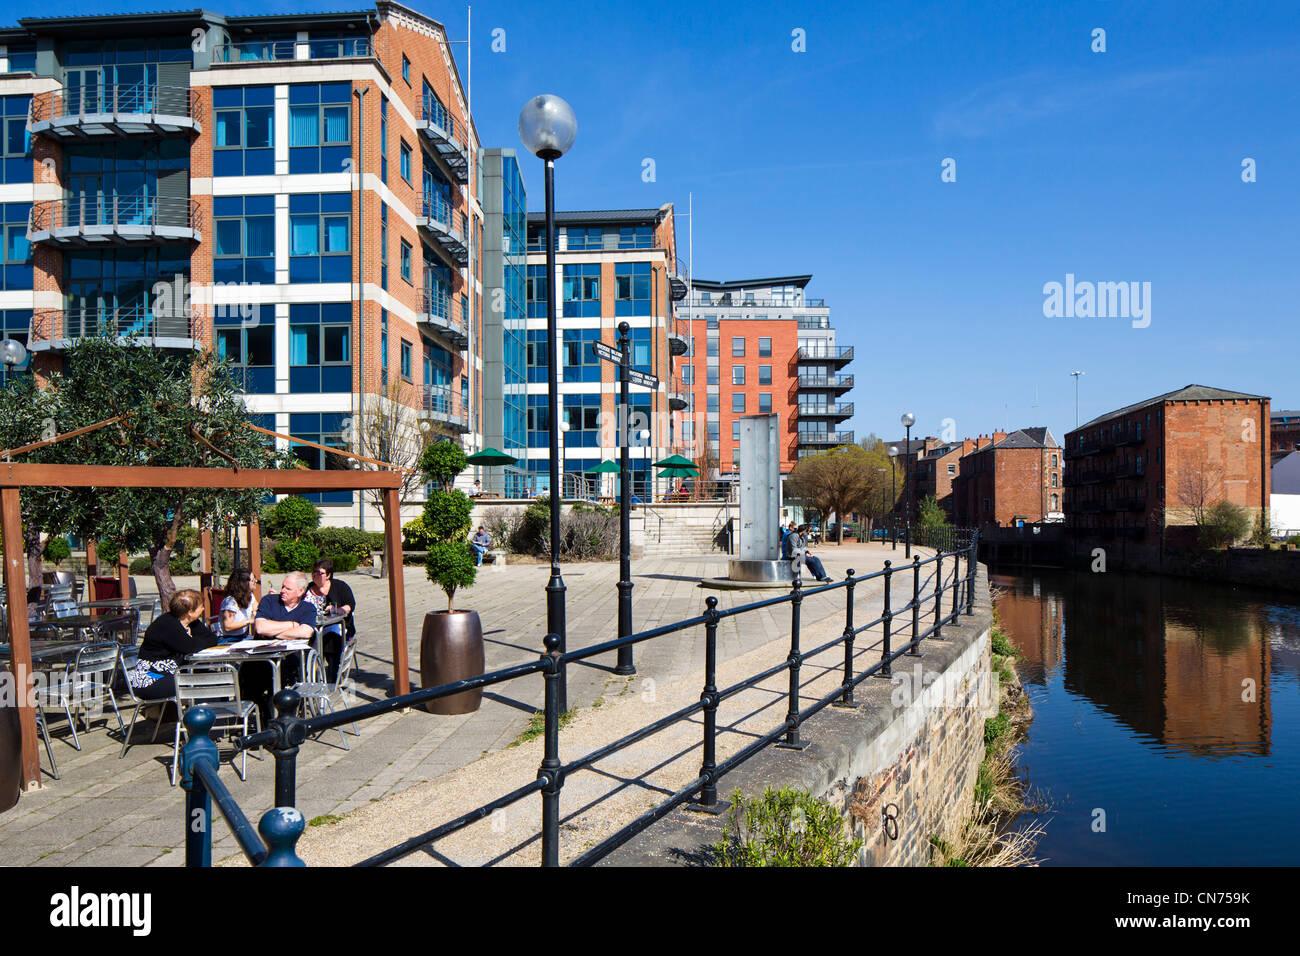 Riverside Walkway on the River Aire between Leeds Bridge and Victoria Bridge, Leeds, West Yorkshire, England - Stock Image